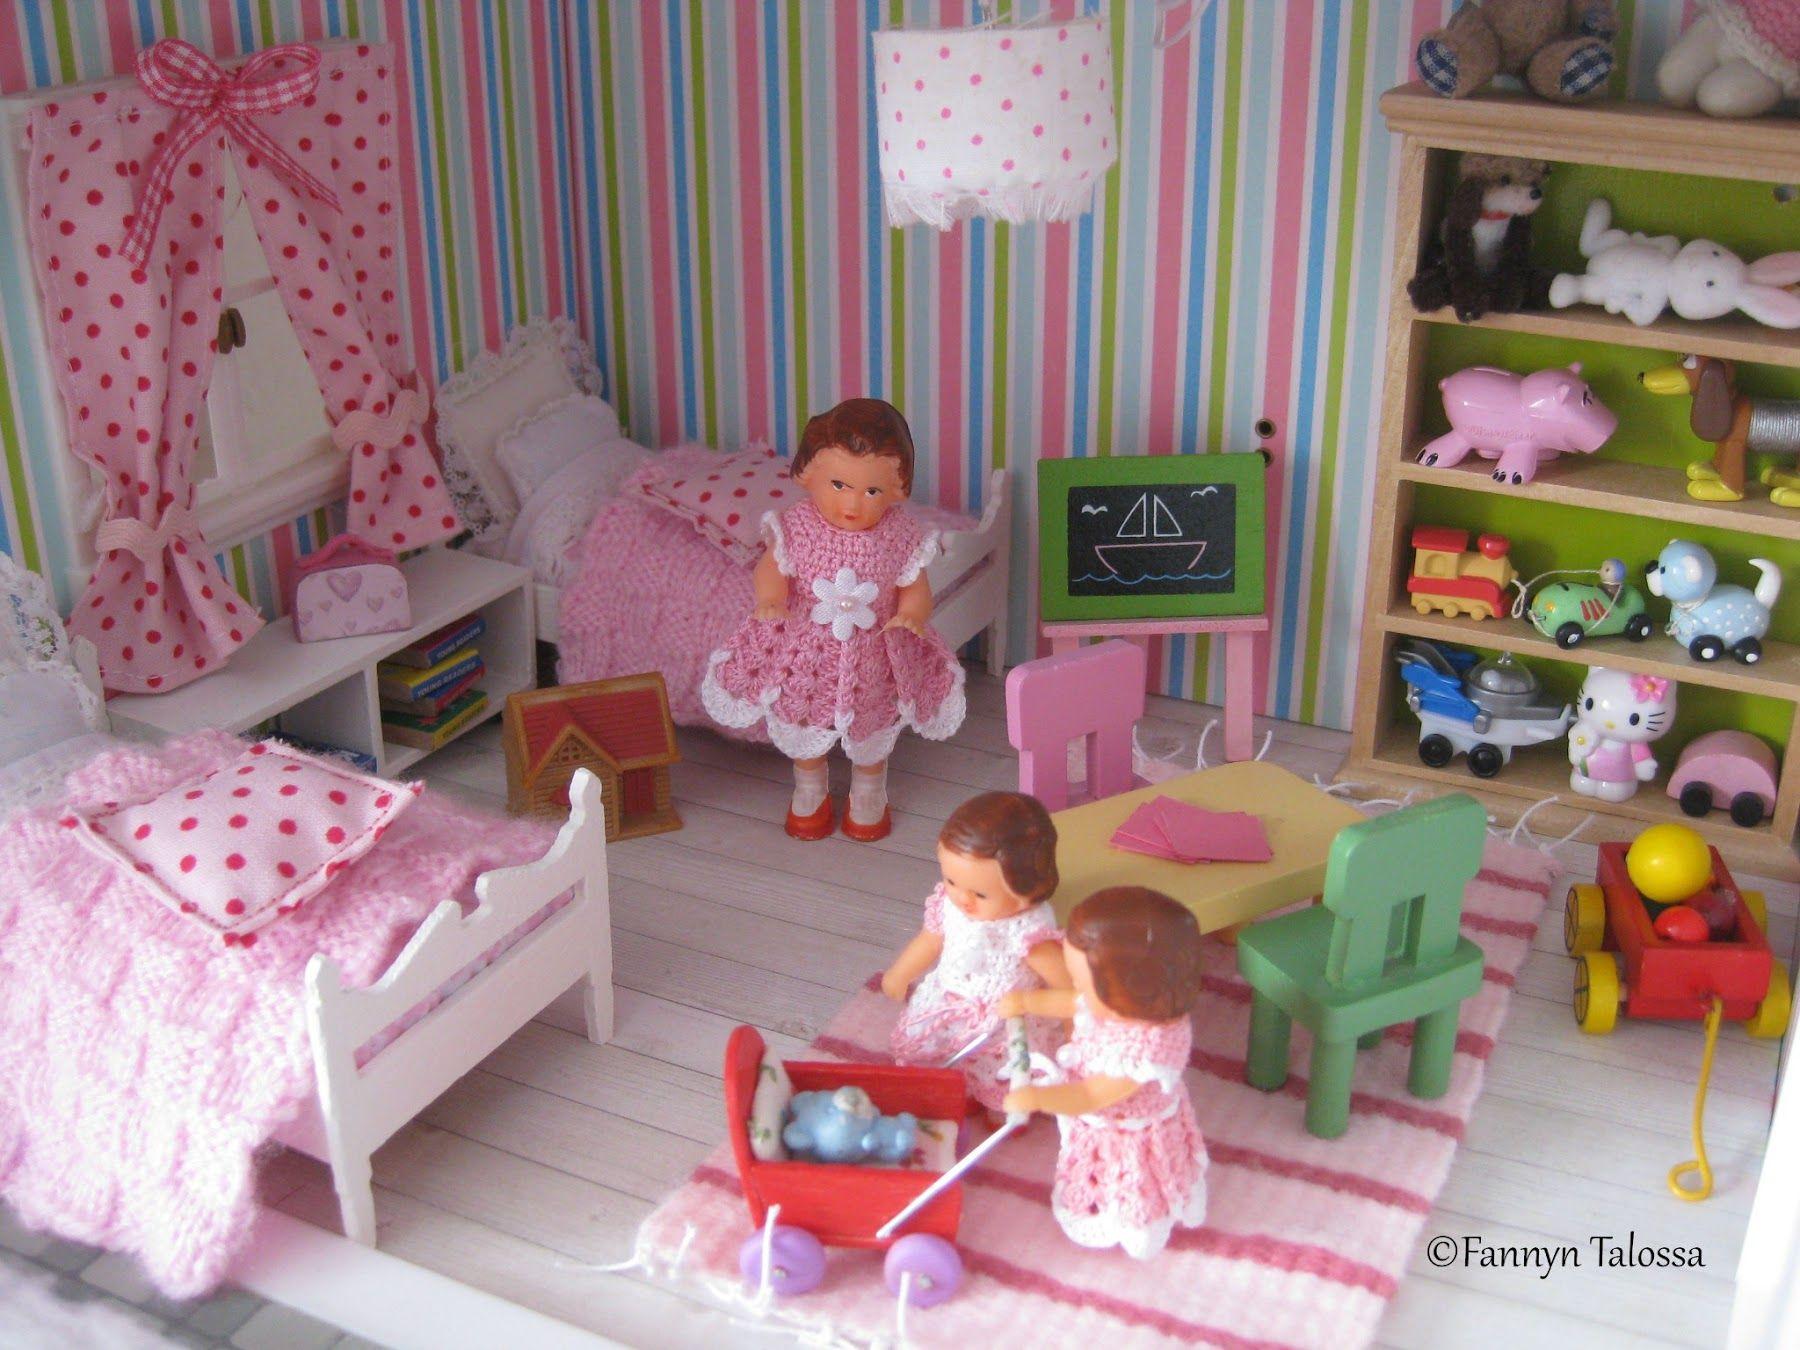 Fannyn Talossa: Nukkekodin lastenhuoneesta